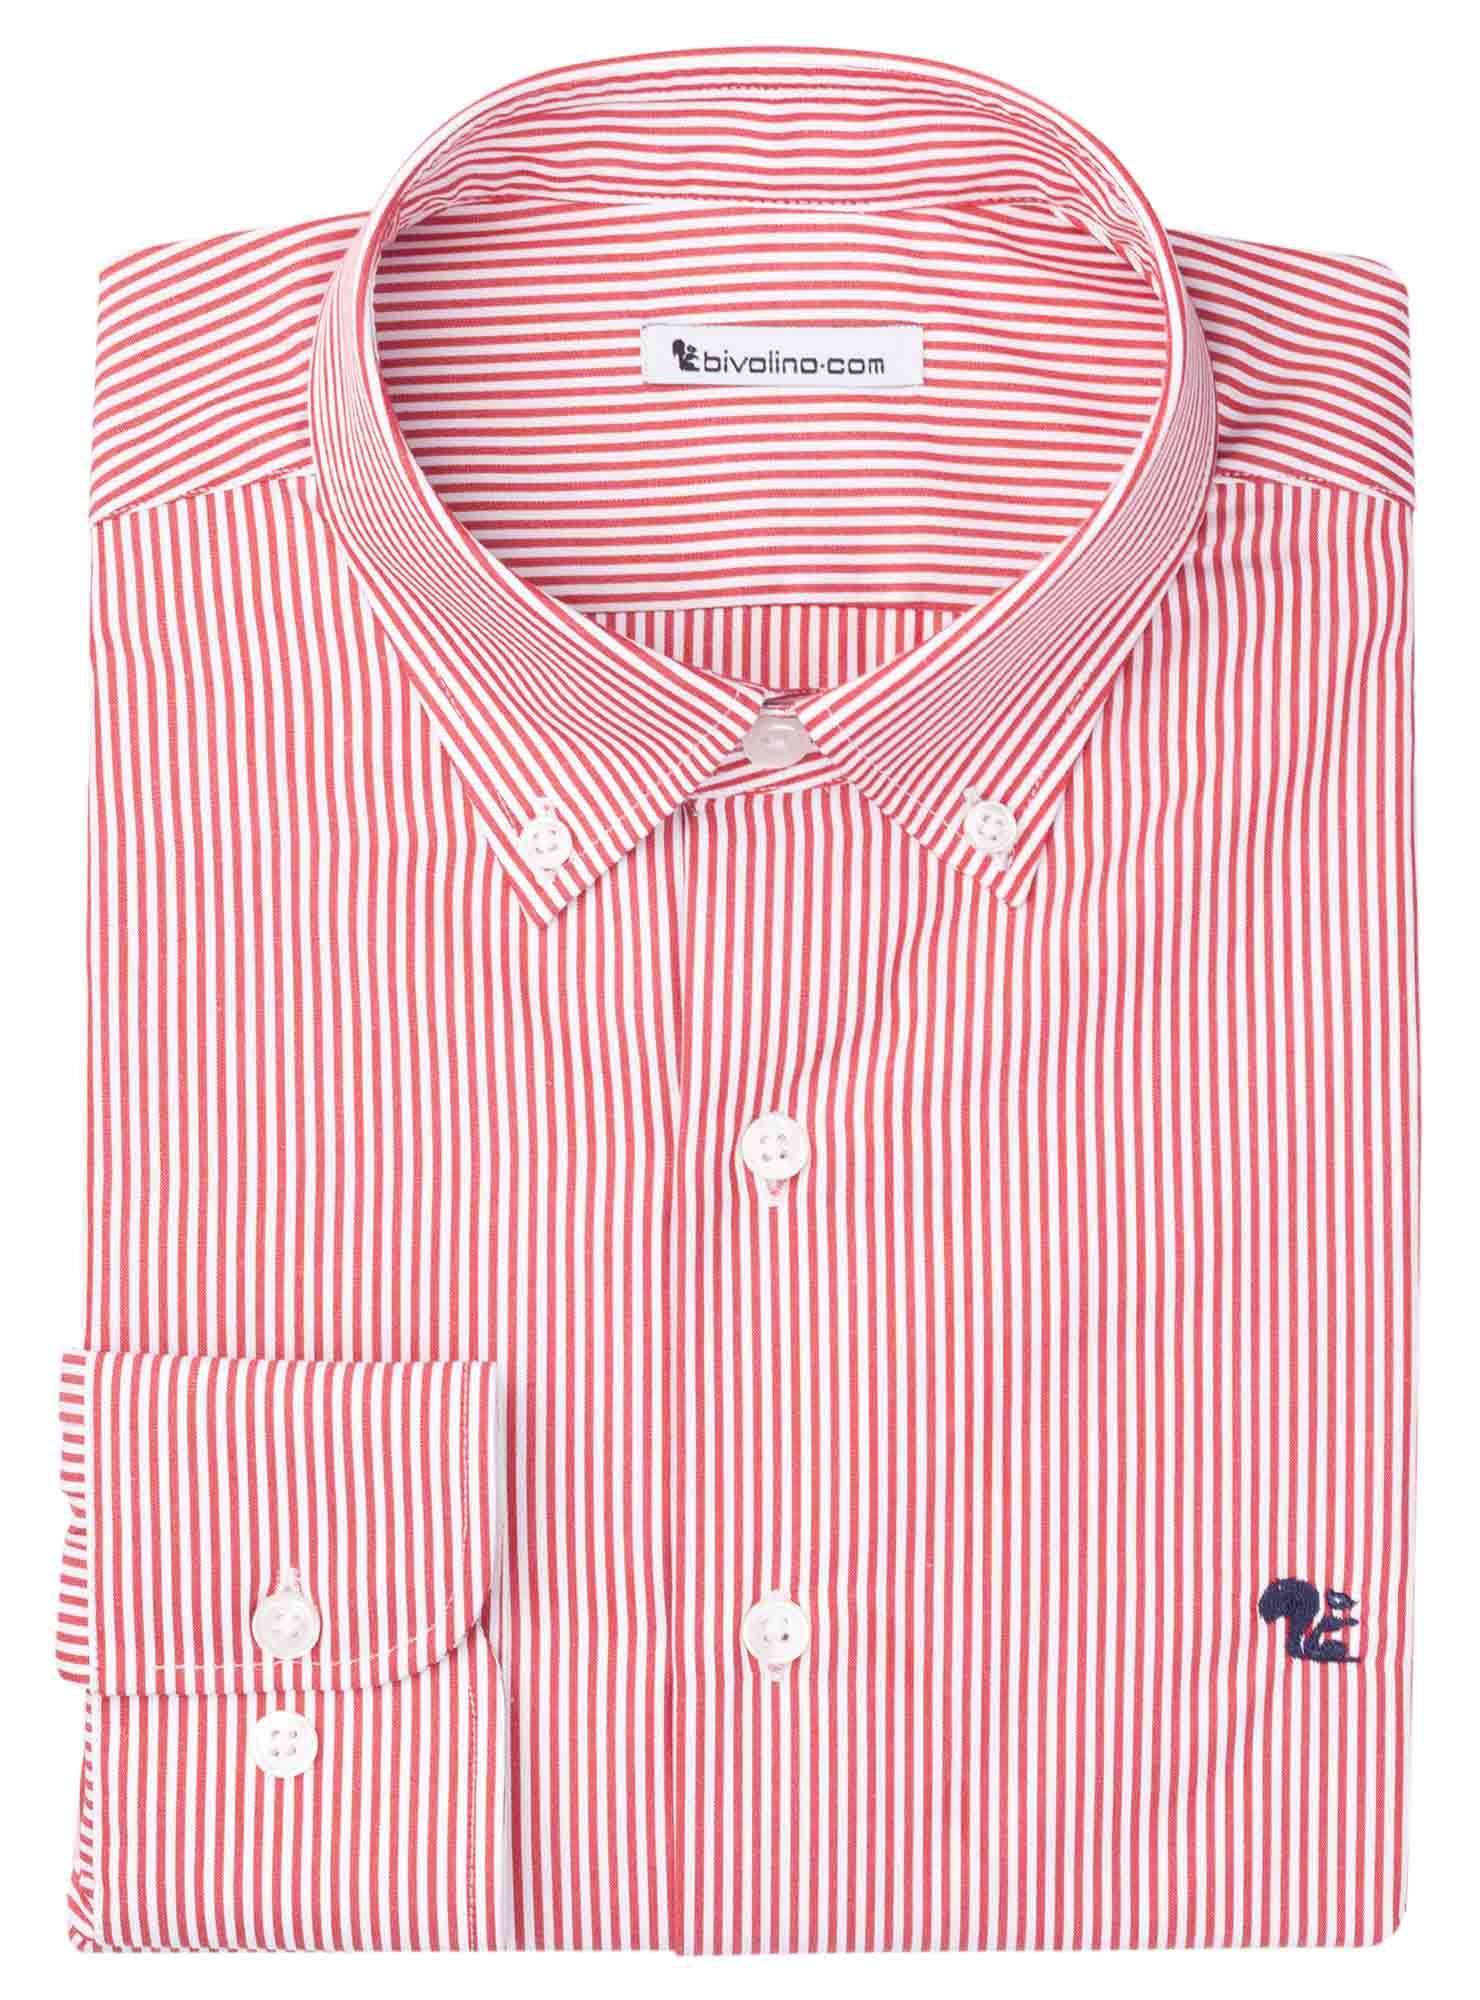 PRATO - chemise homme coton rayée rouge - FAKIR 8